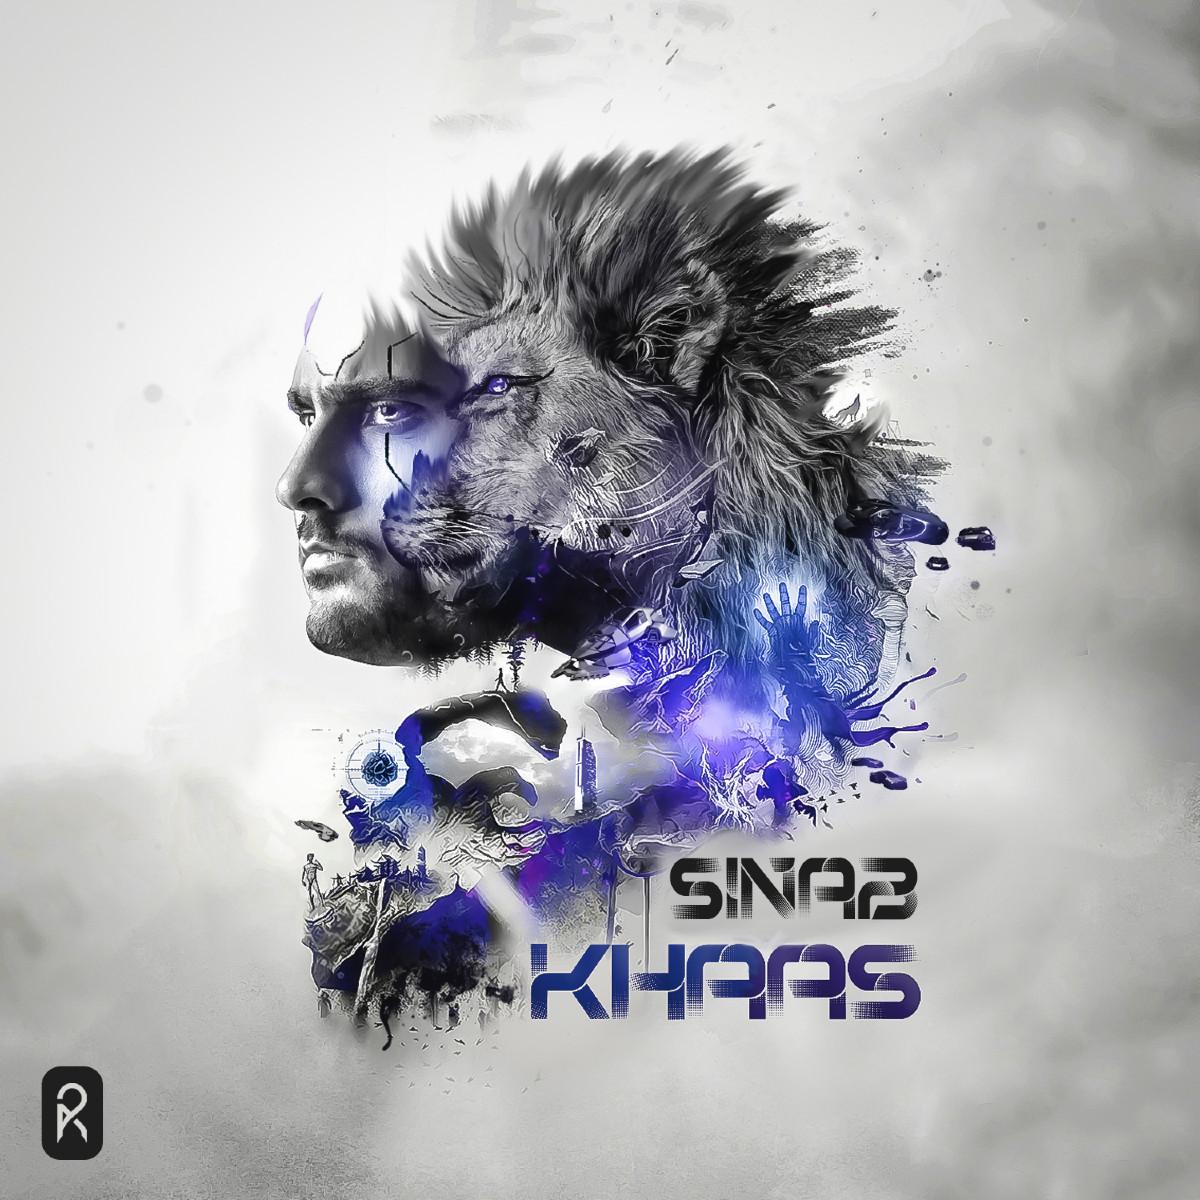 Sinab - Khaas Album